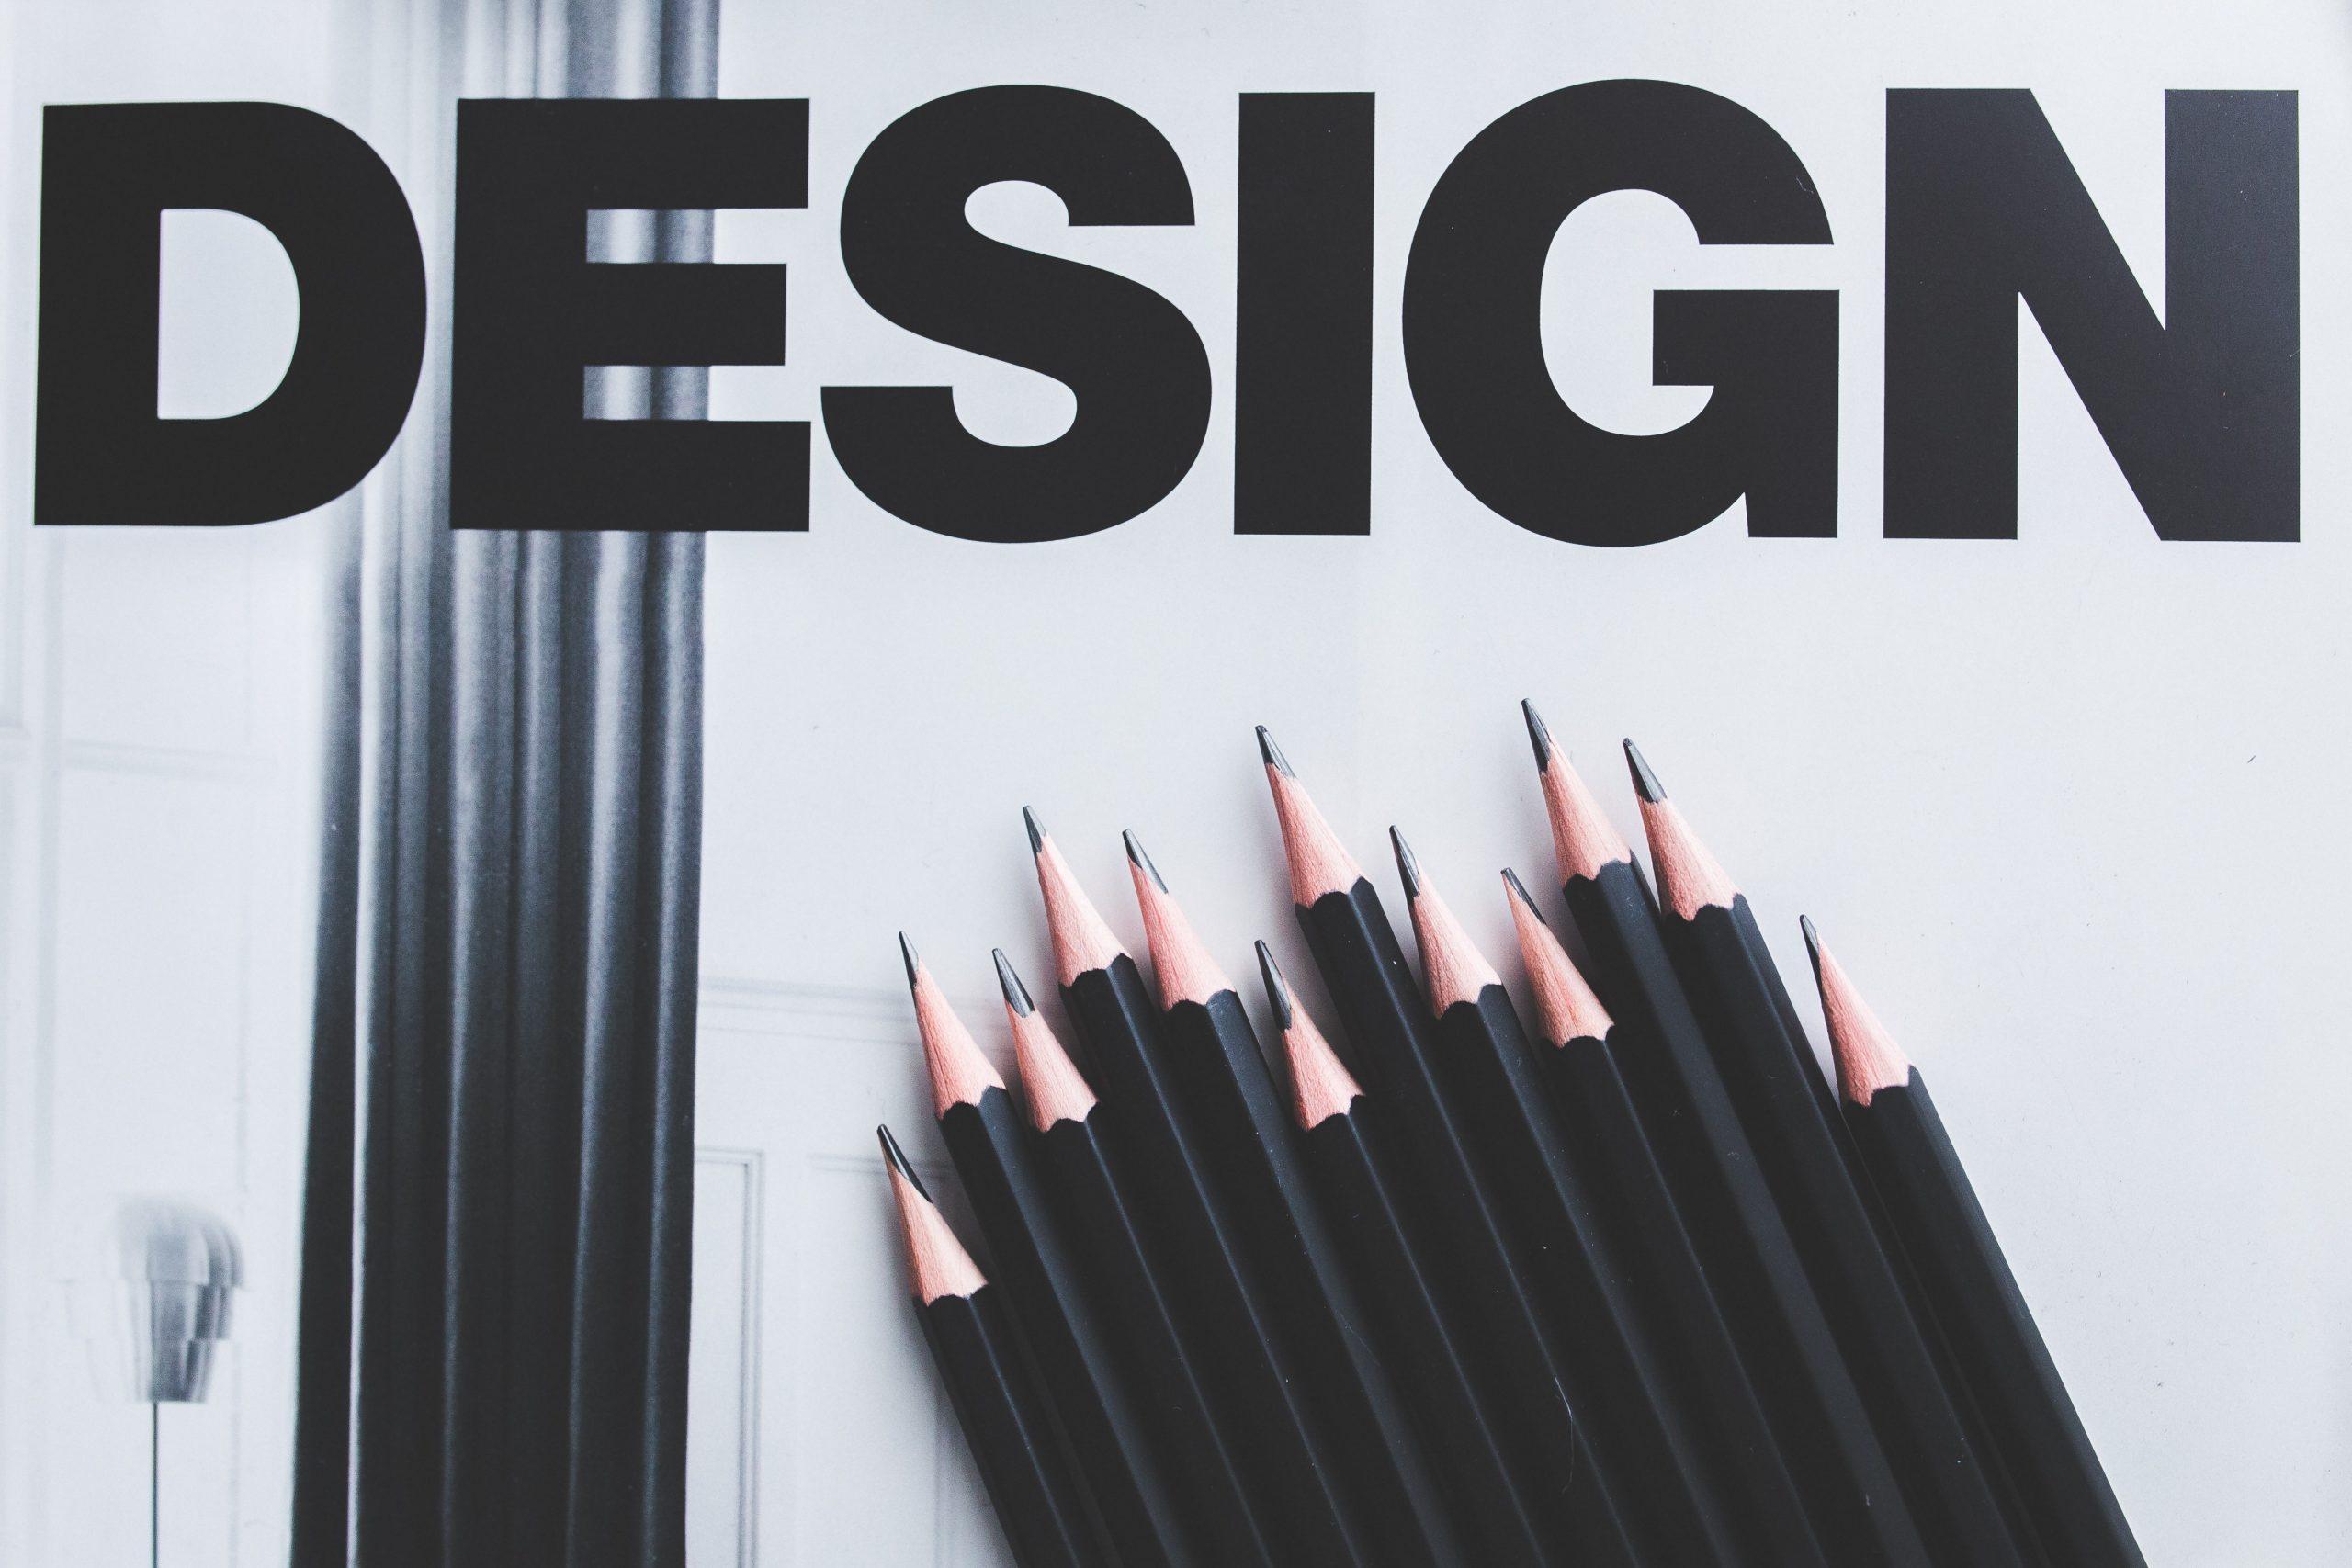 Jasa desain logo murah berkualitas